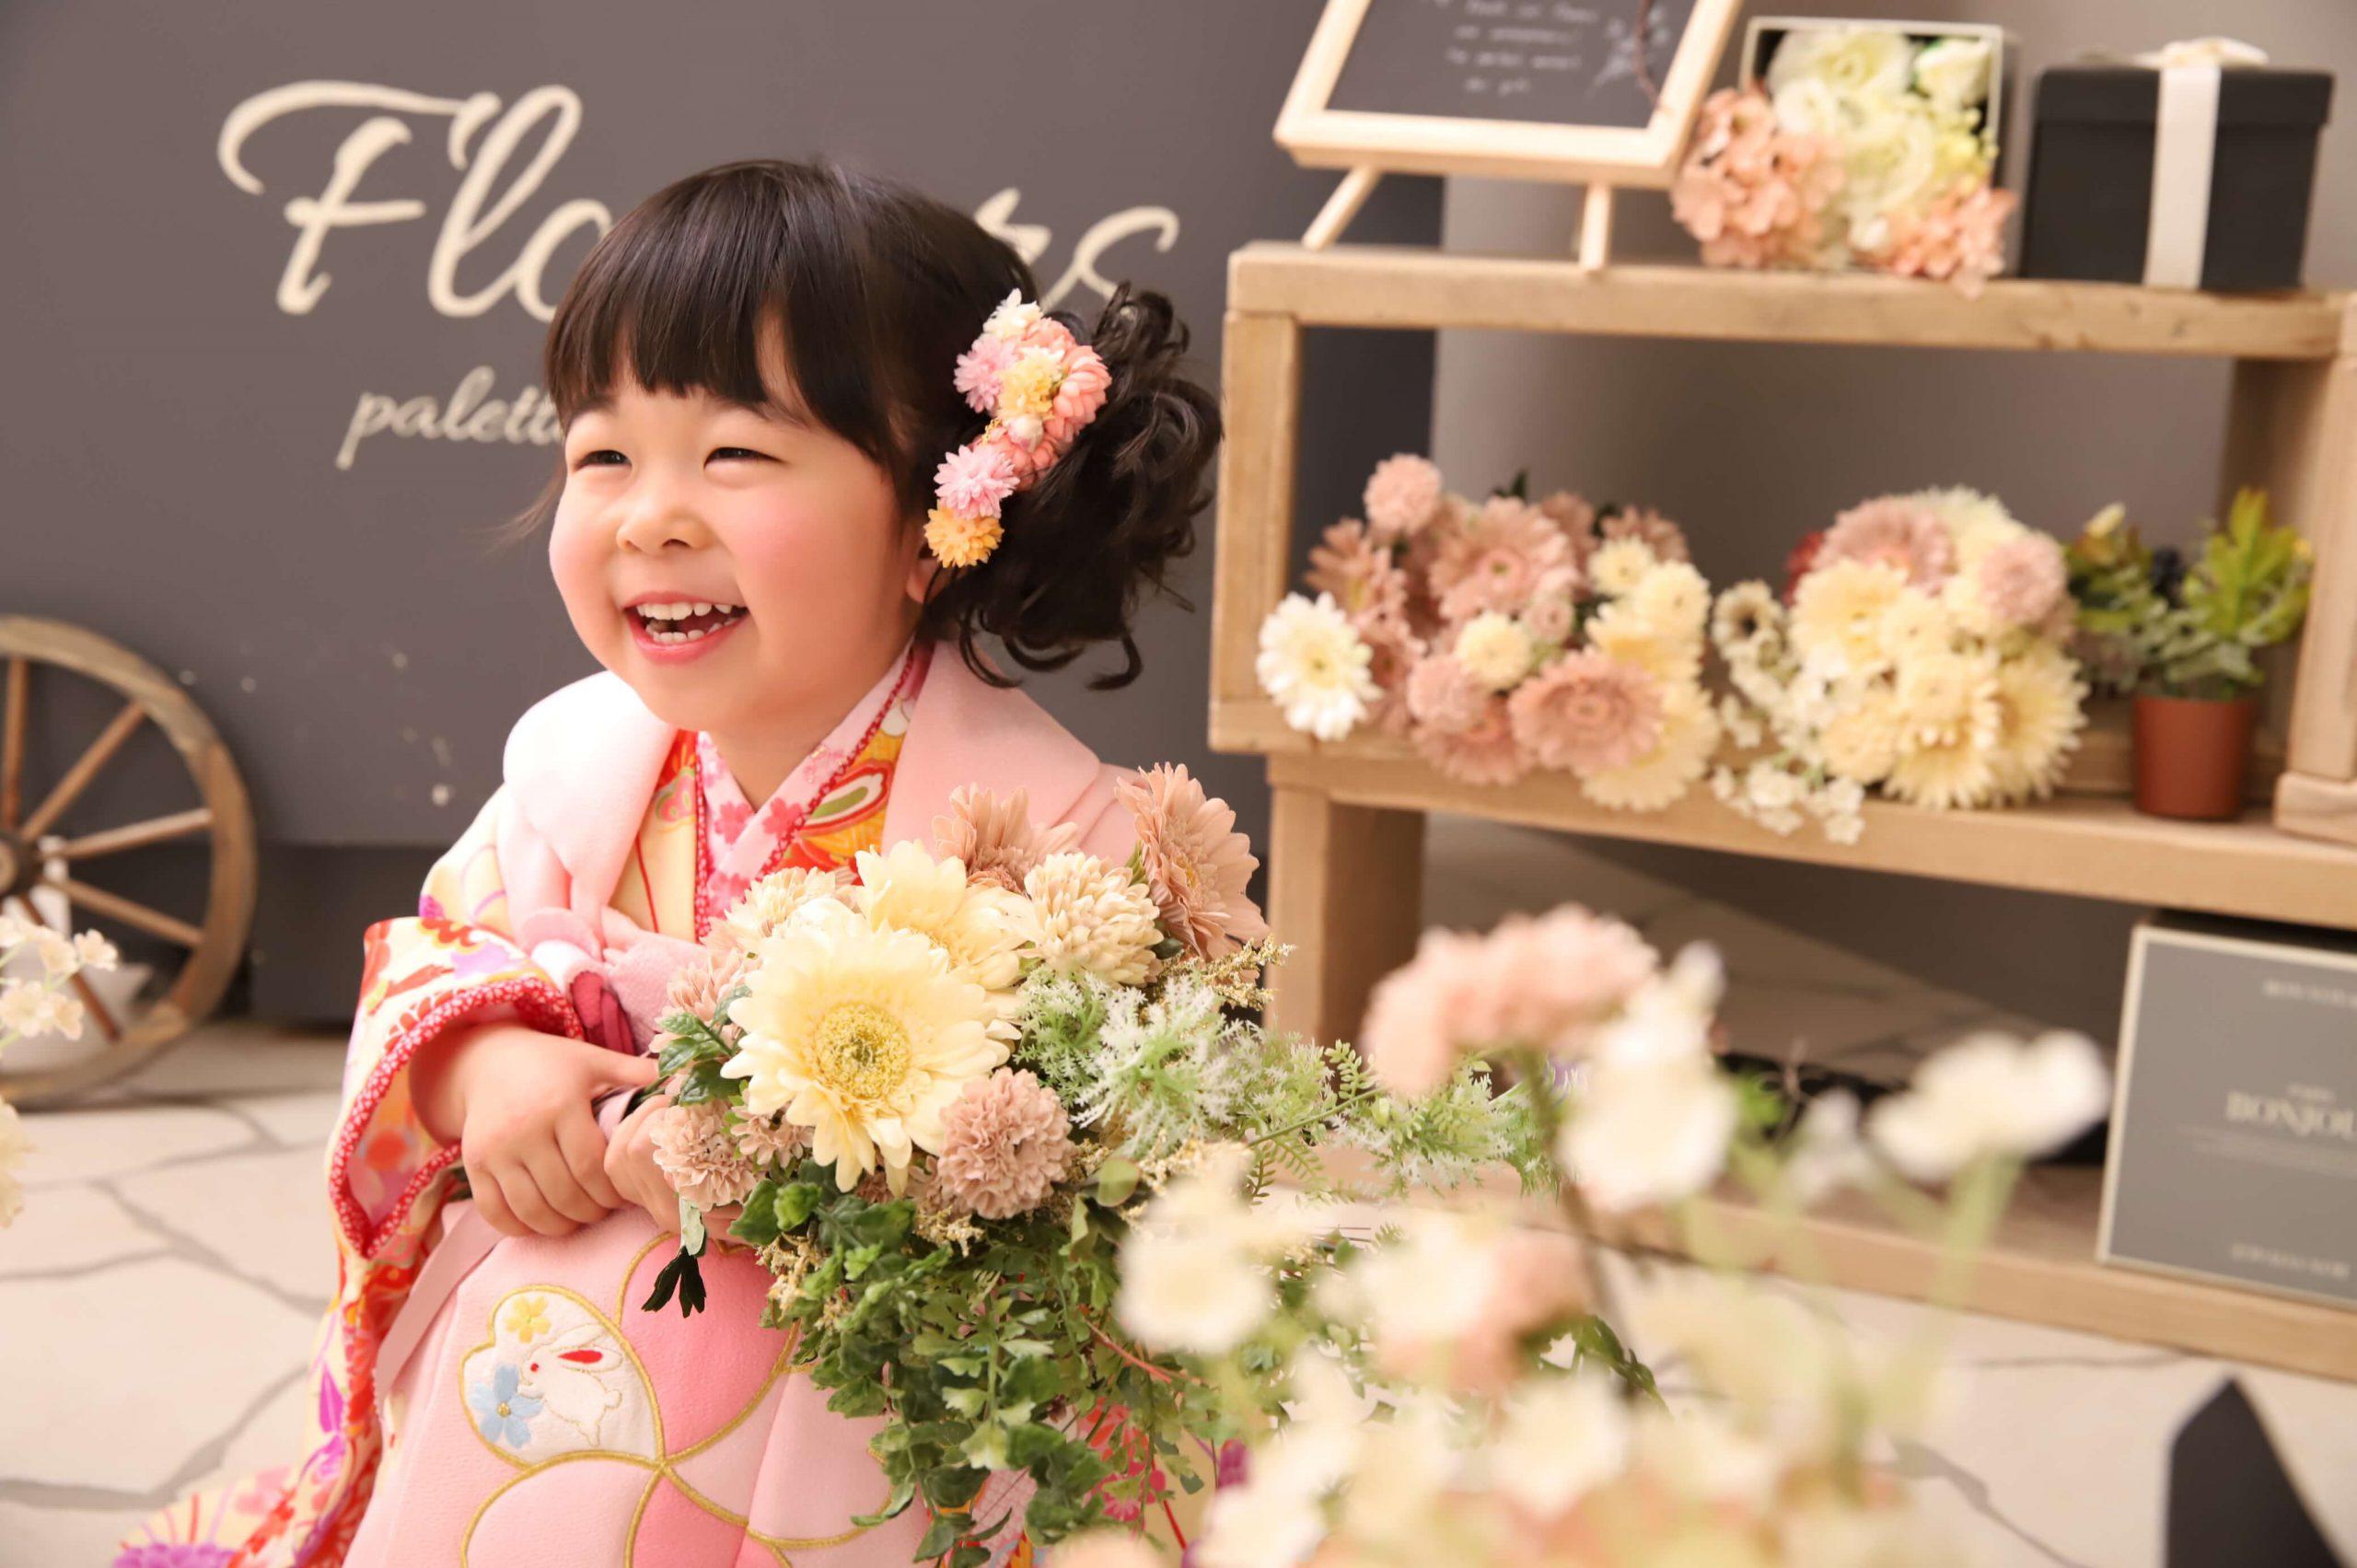 七五三記念でお越しの「りのちゃん」のお写真紹介!